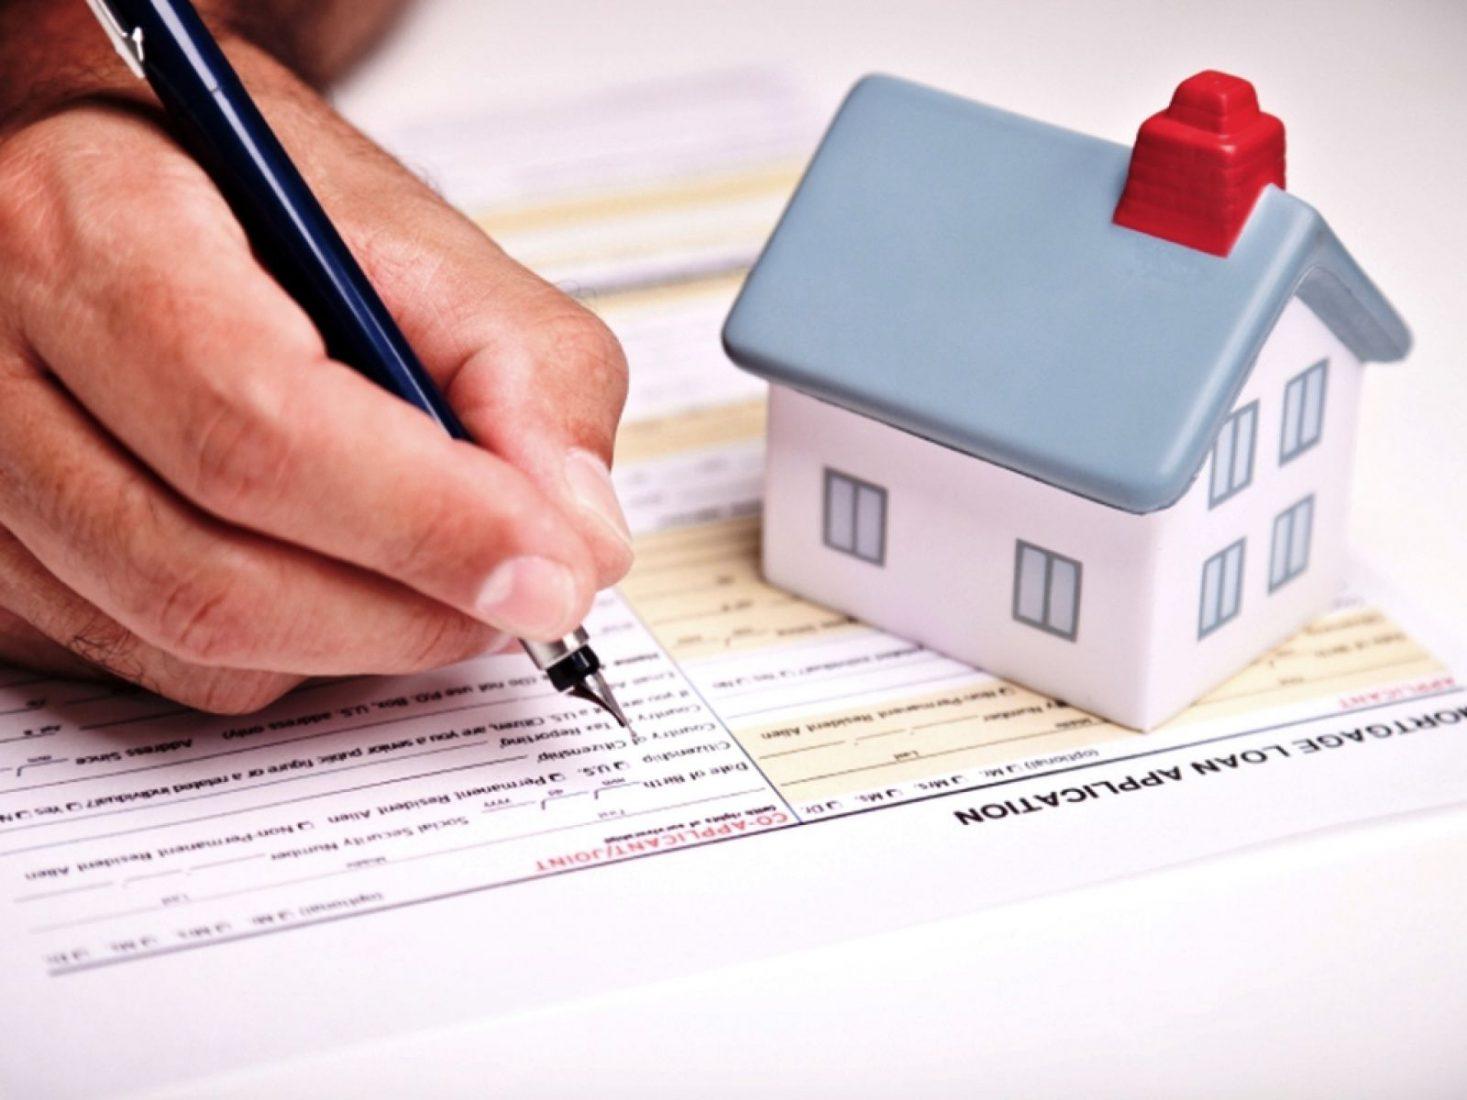 Кредиты на жилье в чехии налоги в германия для физических лиц